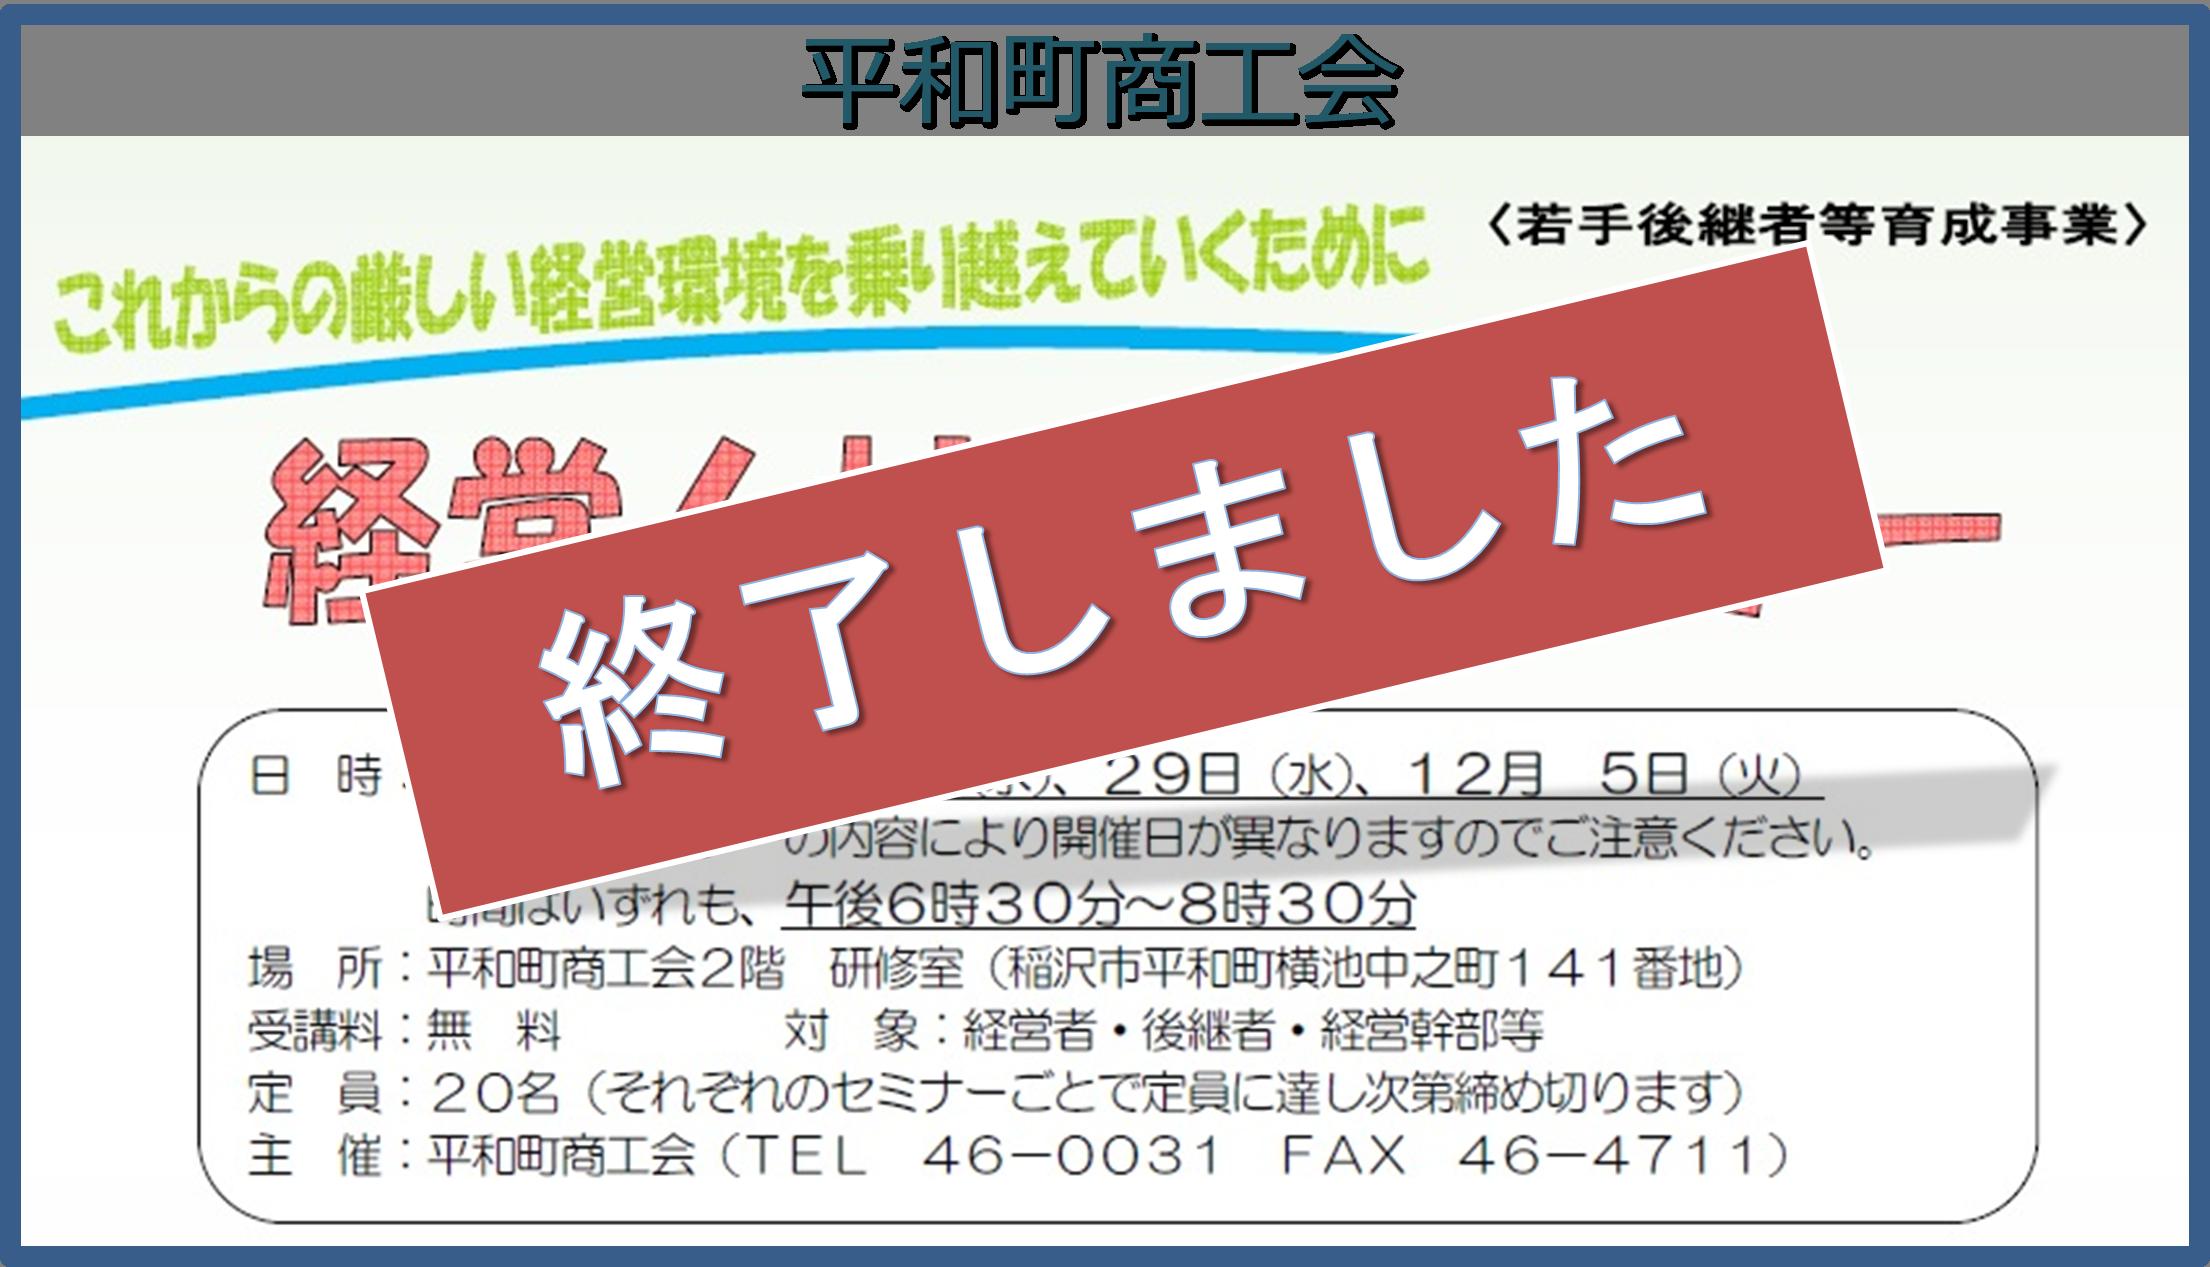 【12/5】(無料)持続化補助金の申請に役立つ 経営計画作成セミナー